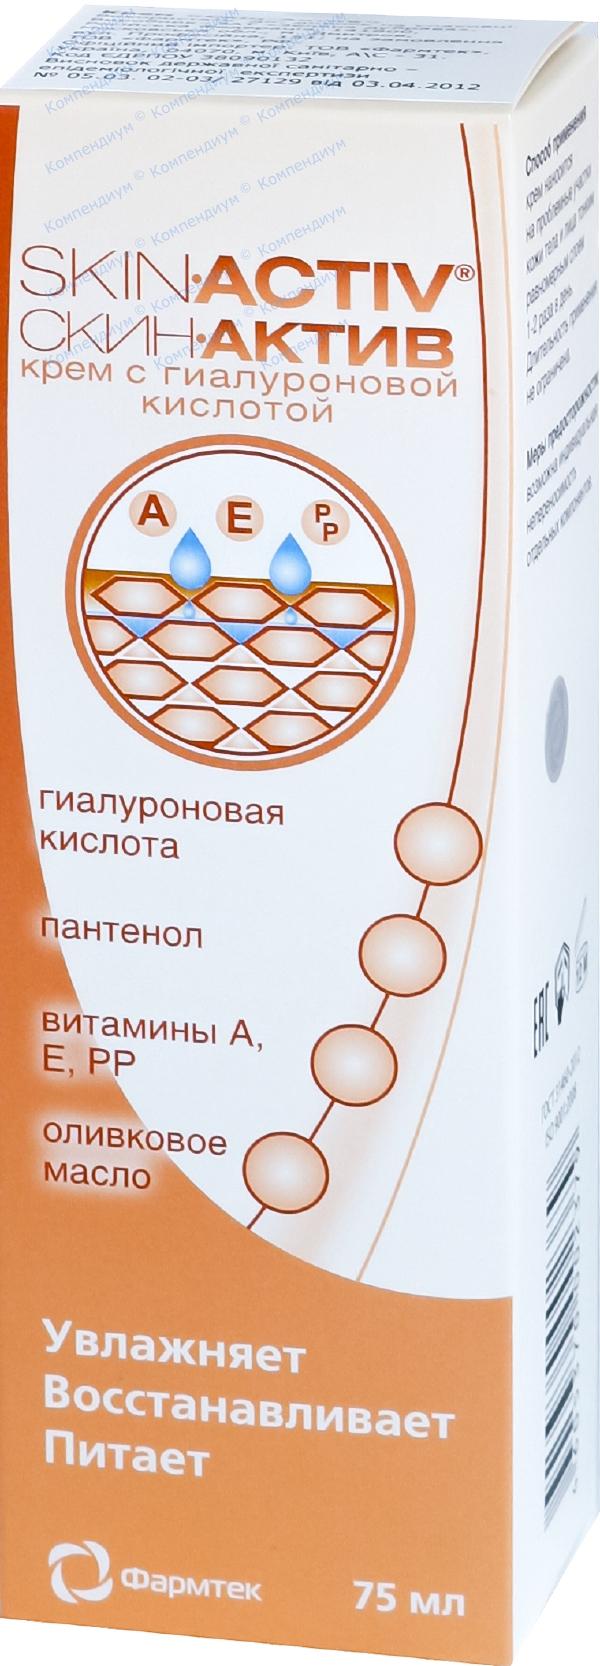 Скин-актив крем для лица и тела туба 75 мл